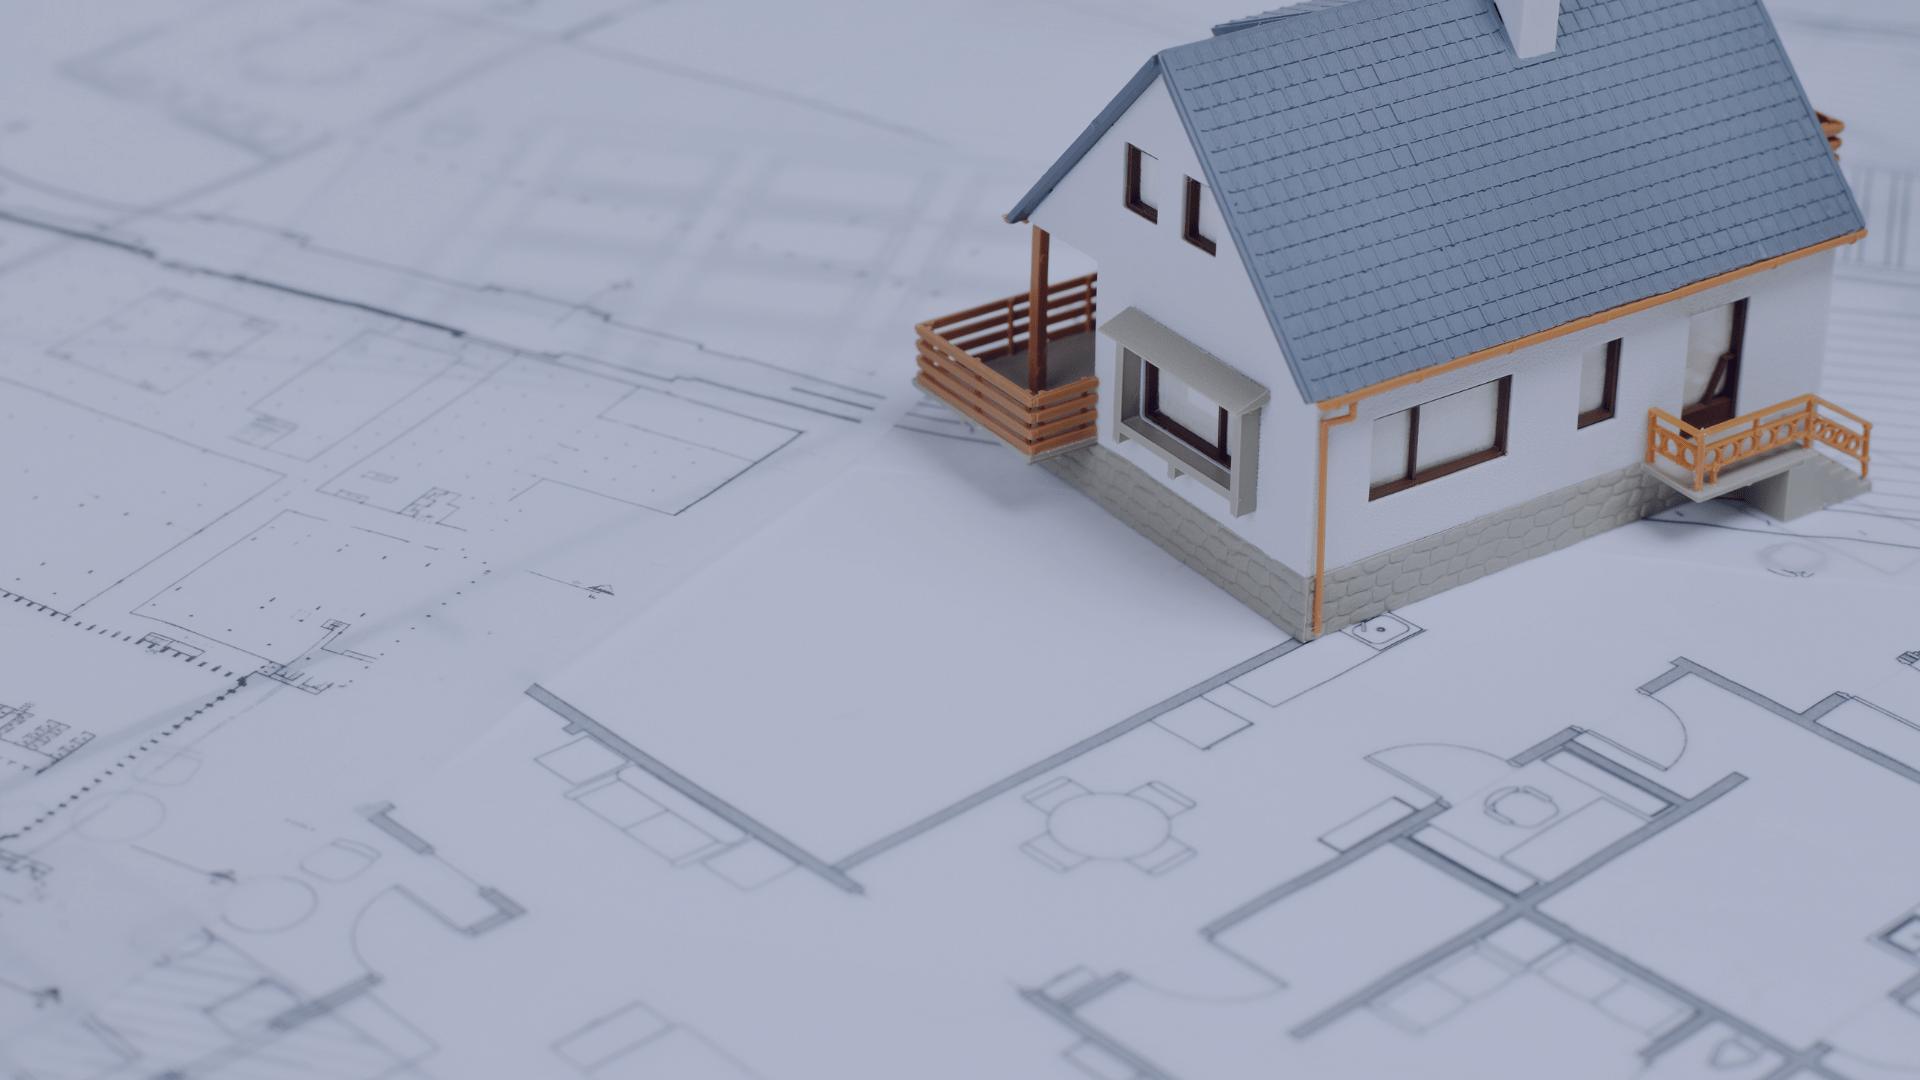 Rentabilidad inmobiliaria en el tercer trimestre del 2020